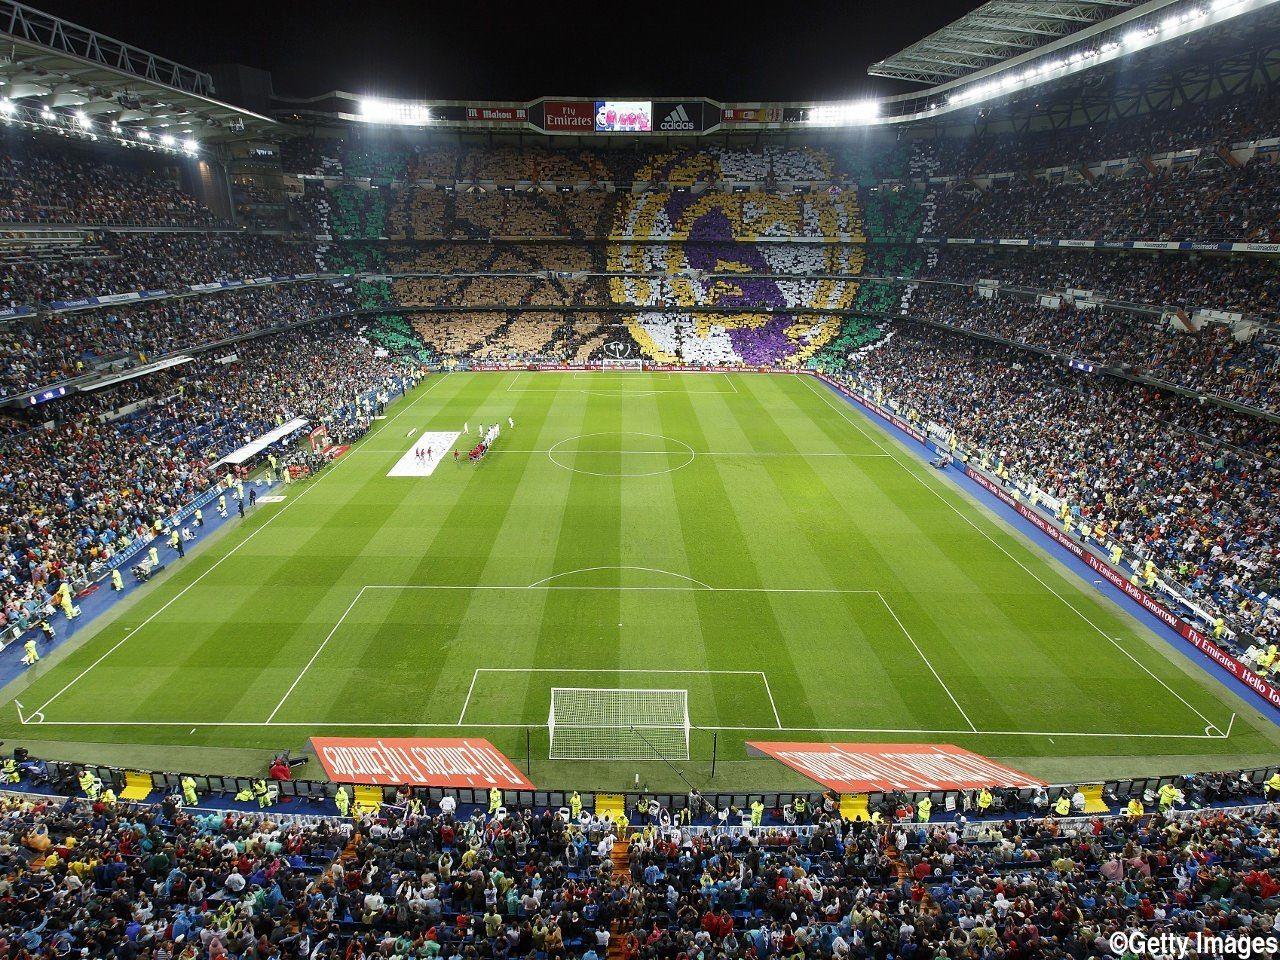 スペイン旅行① スペインサッカー観戦に出発! : 旅ブログ Run ...